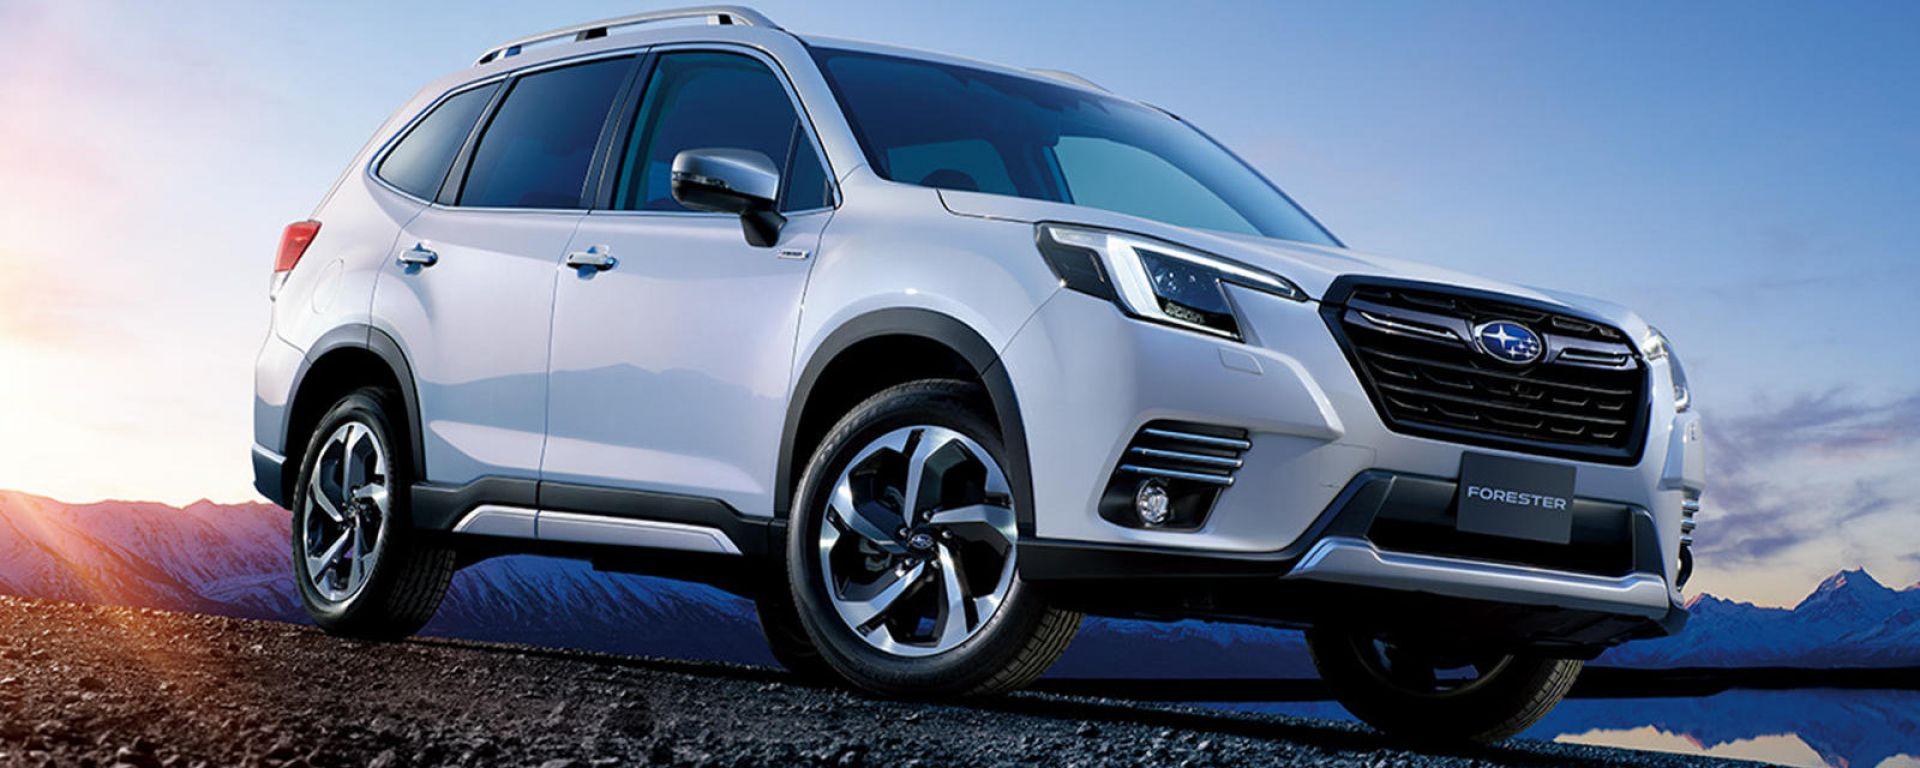 Subaru Forester 2022: visuale di 3/4 anteriore